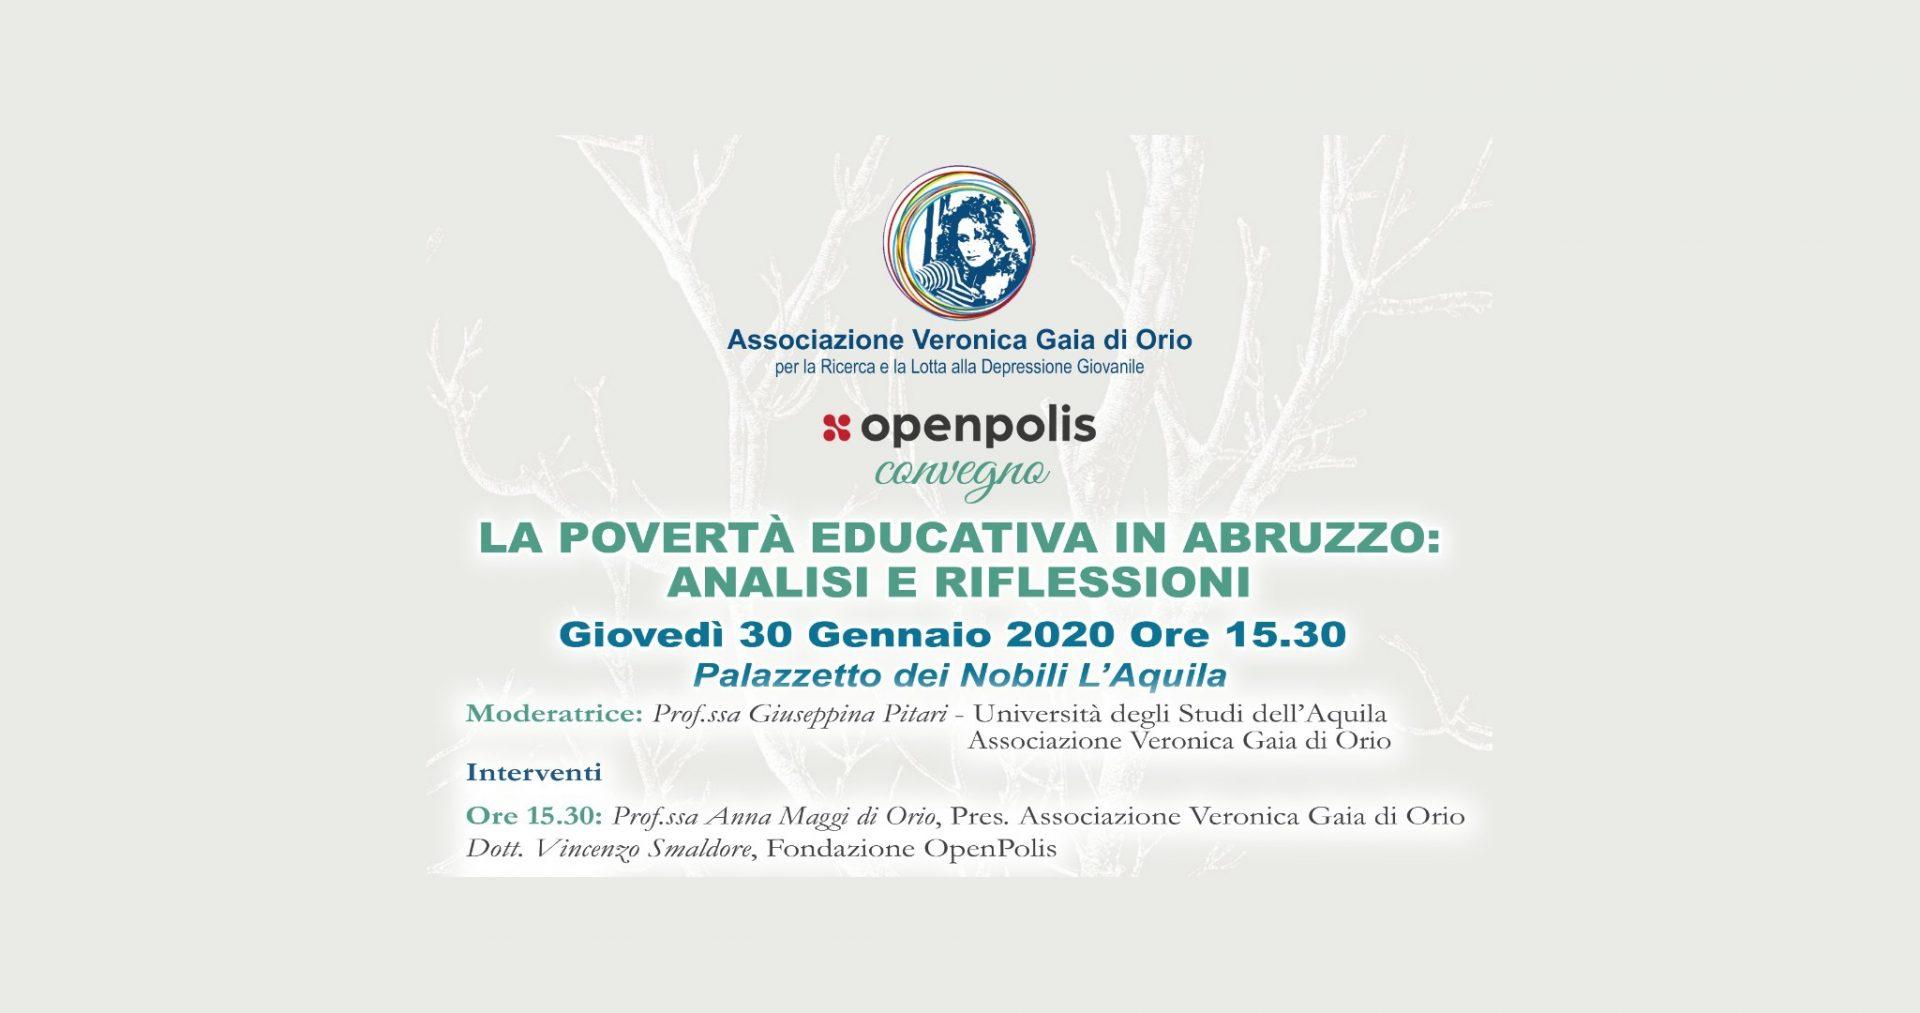 La povertà educativa in Abruzzo: analisi e riflessioni